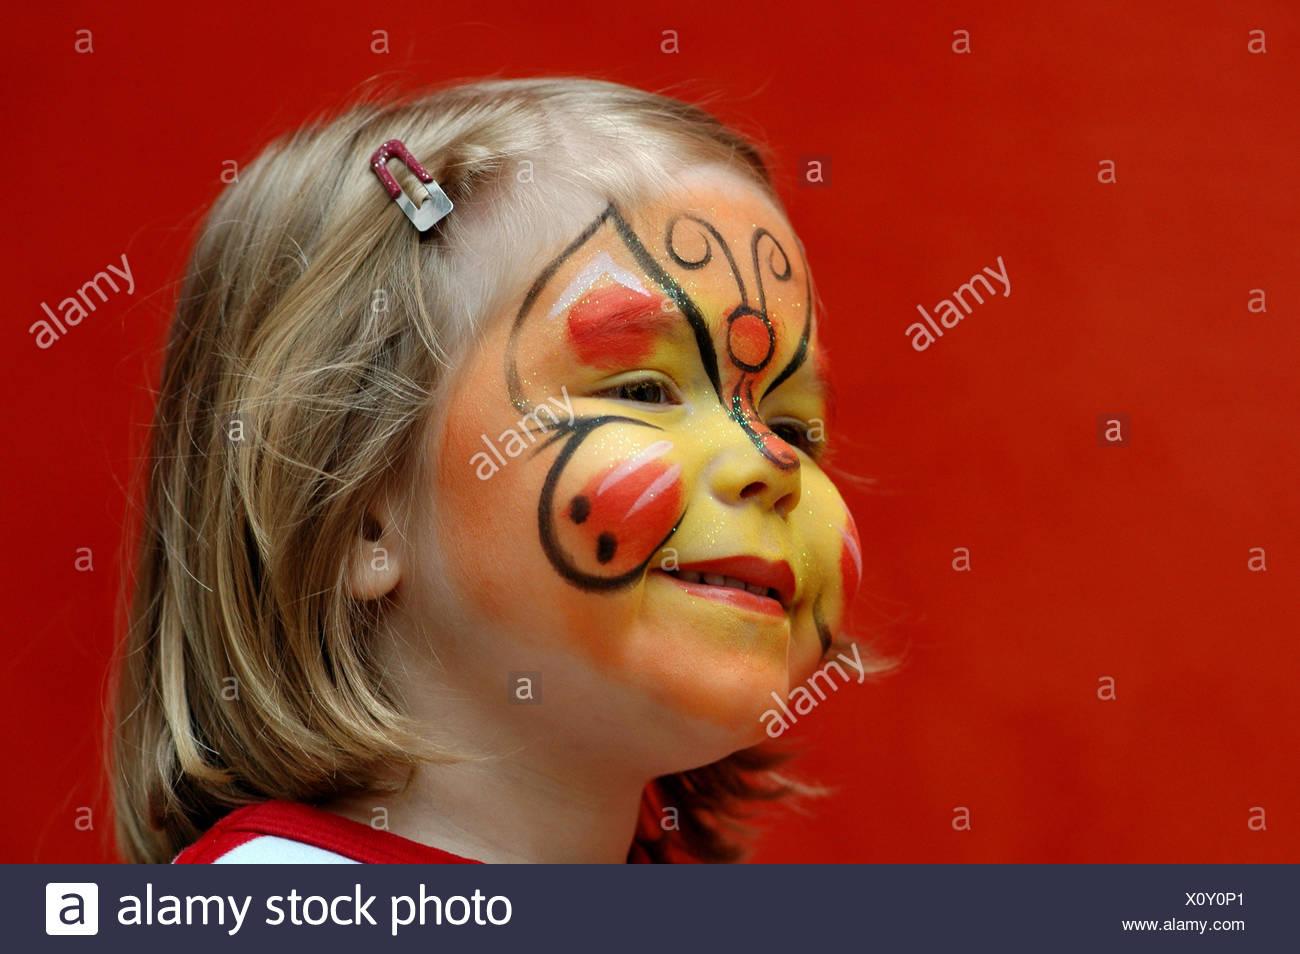 Schmetterling Gesicht 2 Stockfoto Bild 275959209 Alamy